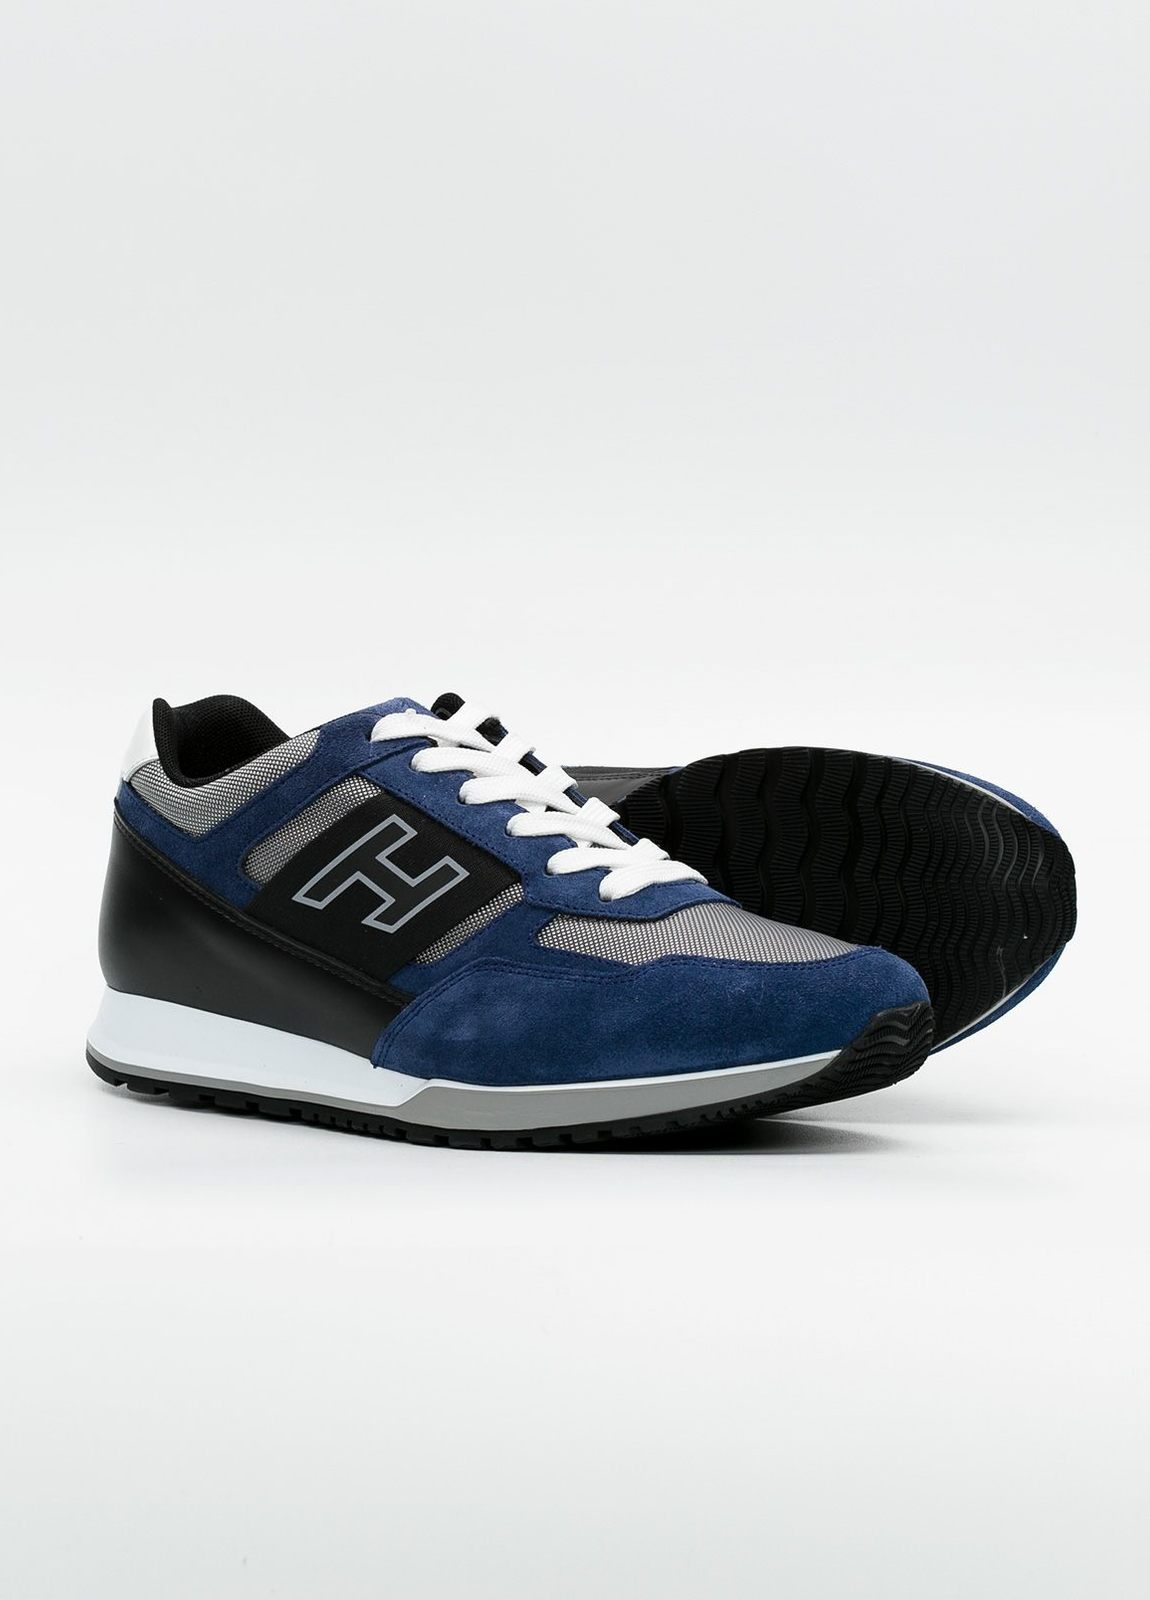 Calzado sport OLYMPIA color azul, combinación de serraje, loneta y apliques en piel. - Ítem2